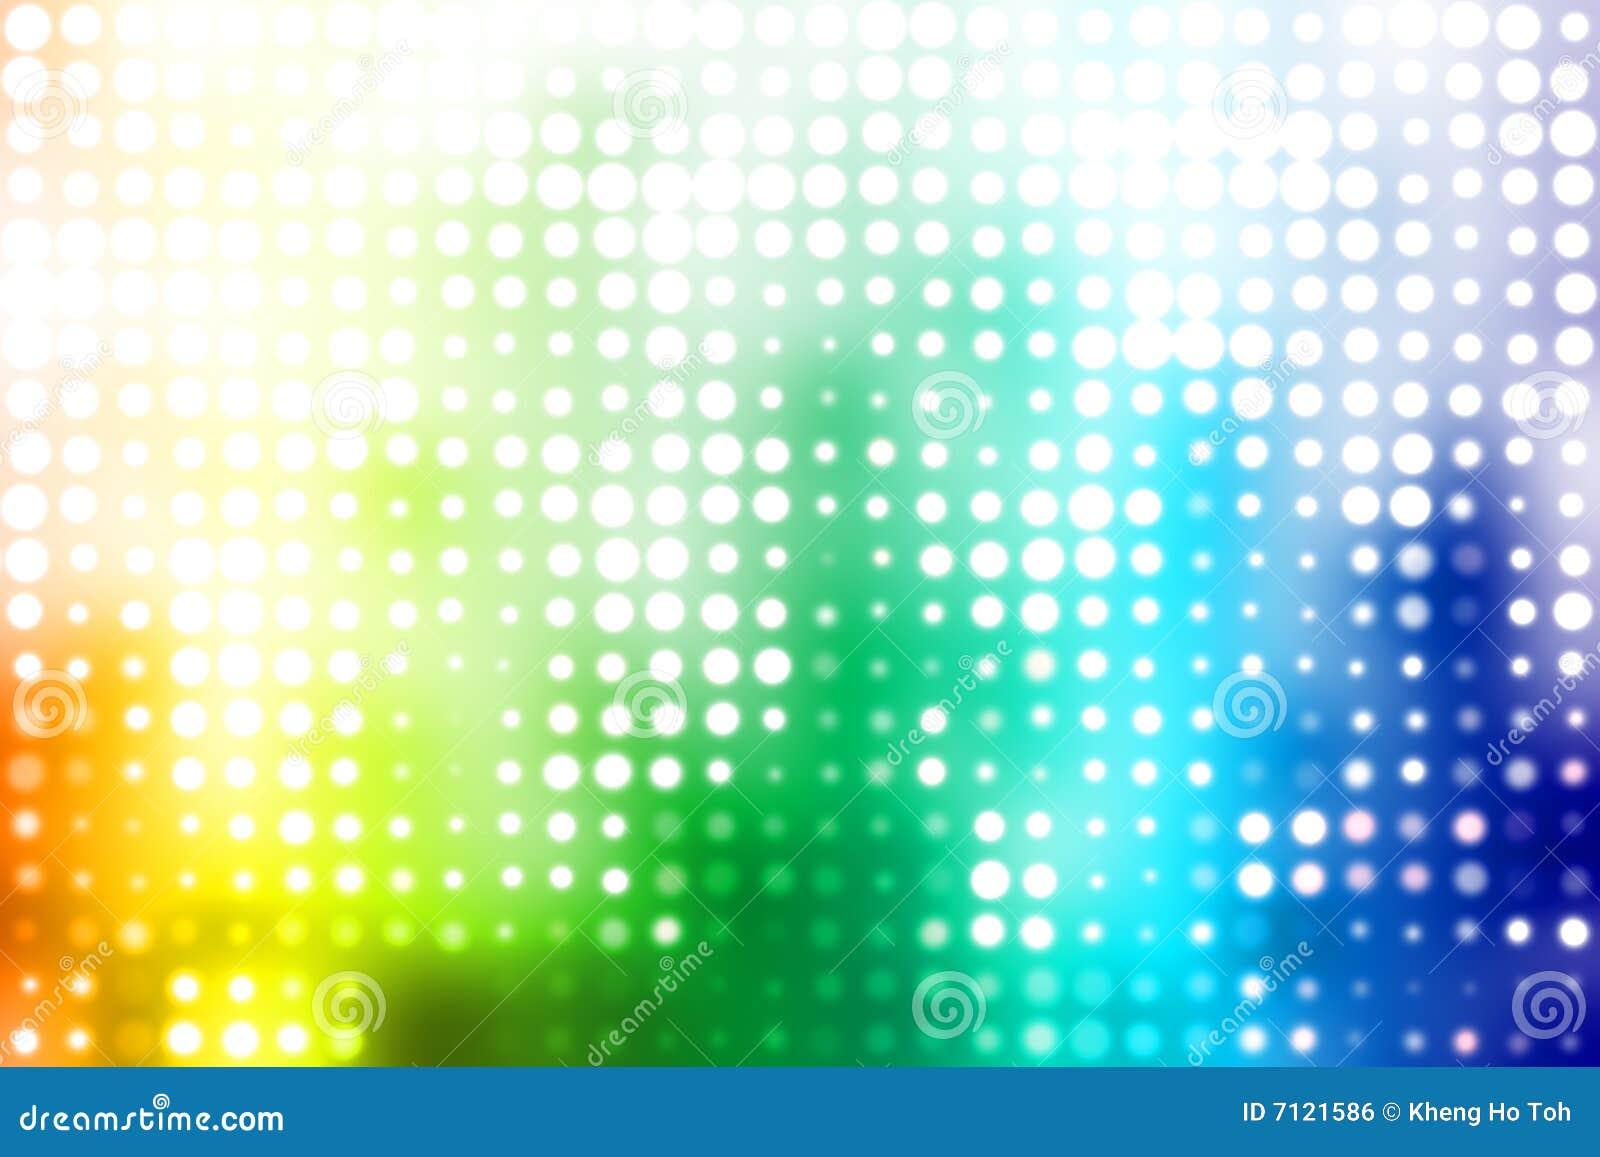 αφηρημένο συμβαλλόμενο μέρος disco ανασκόπησης ζωηρόχρωμο καθιερώνον τη μόδα